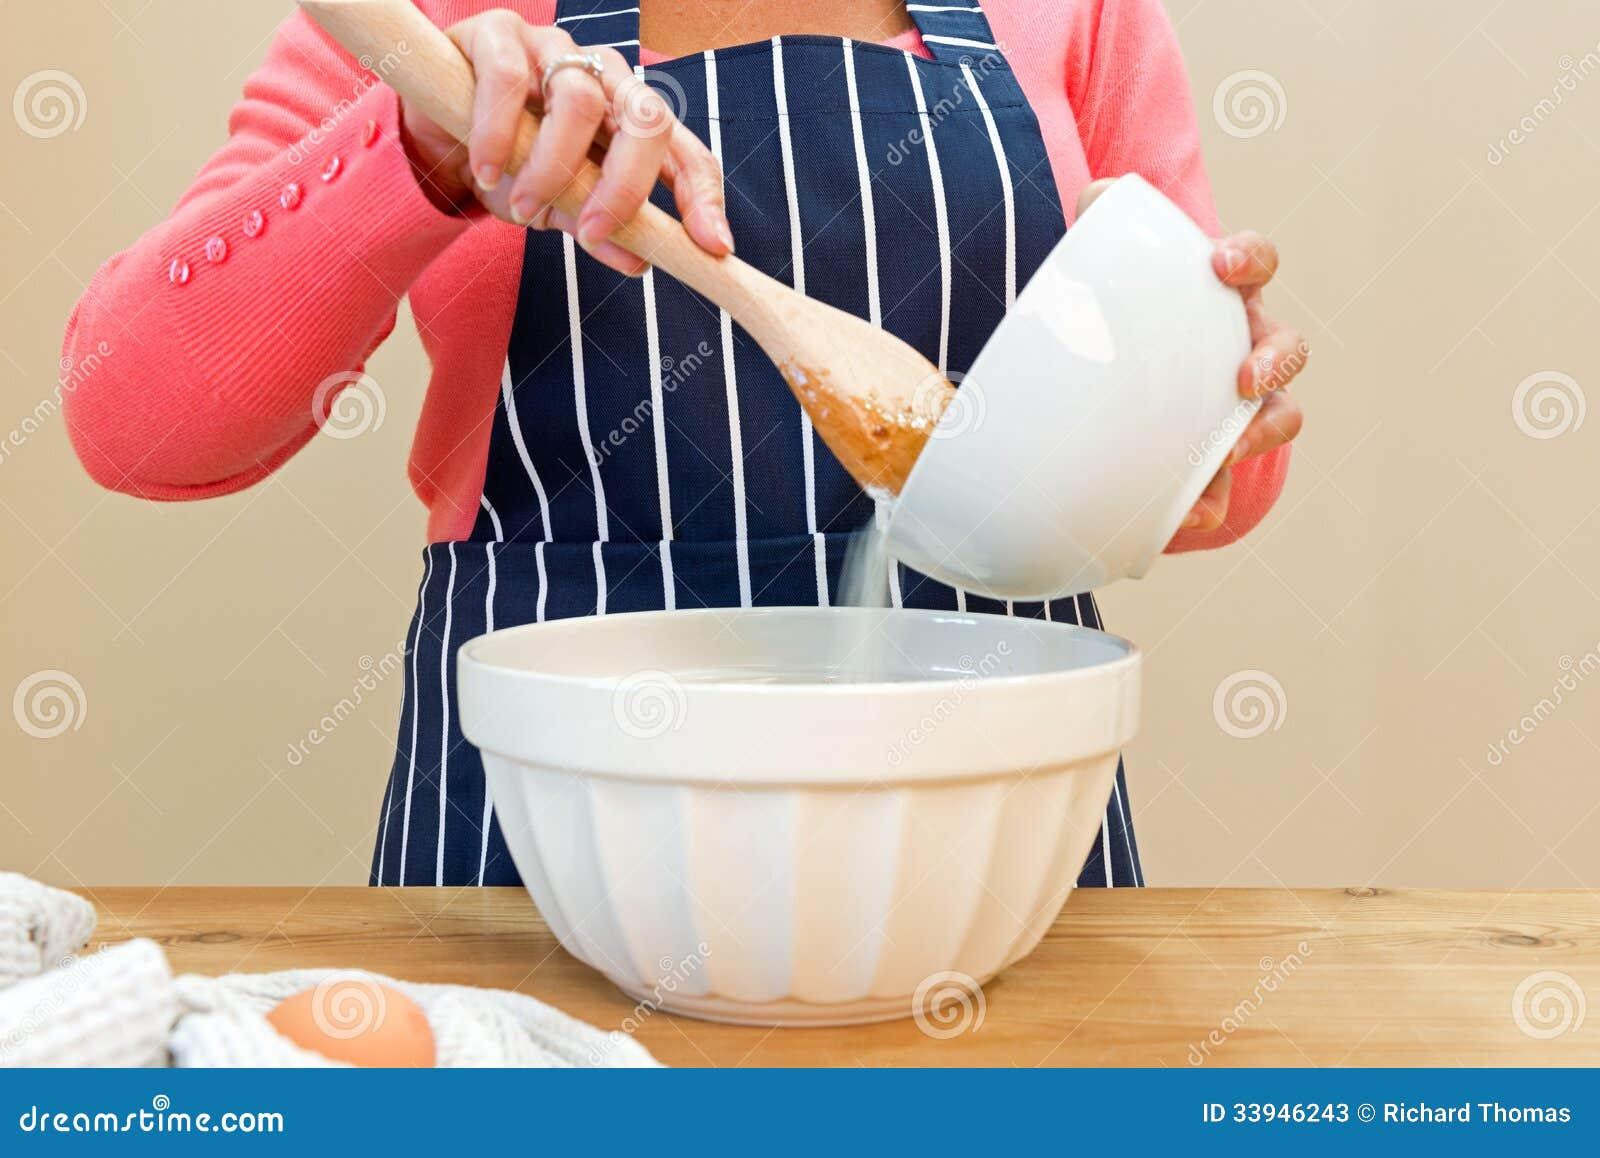 Mixing Cake Ingredients